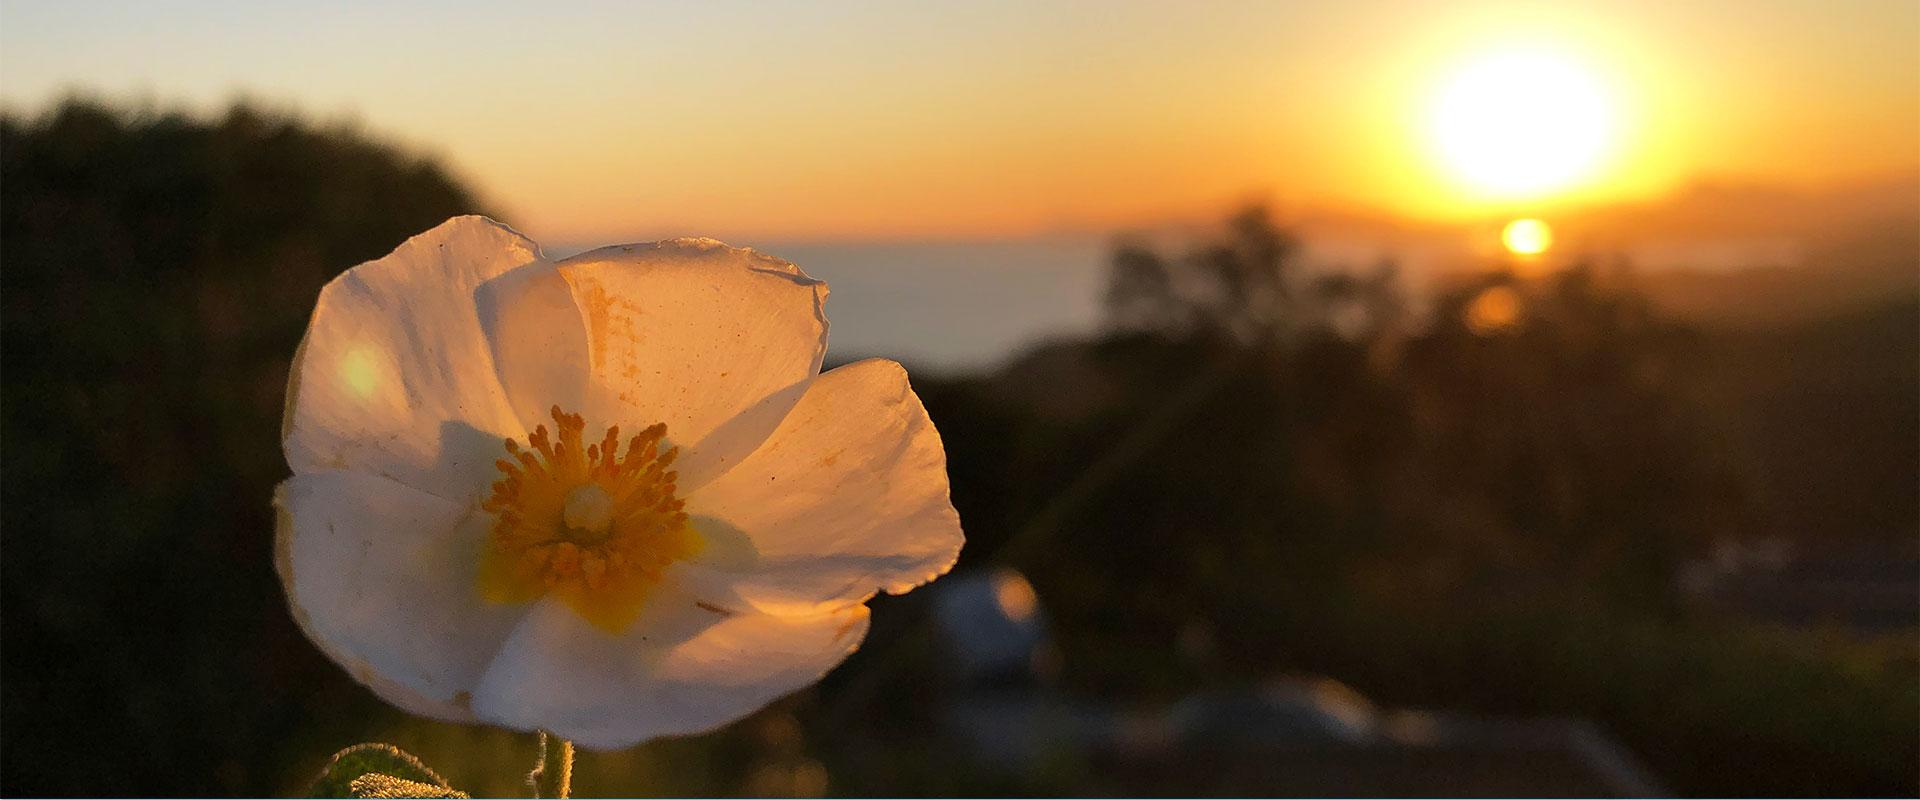 Podcast Prends soin de toi 12 - La poesie du printemps